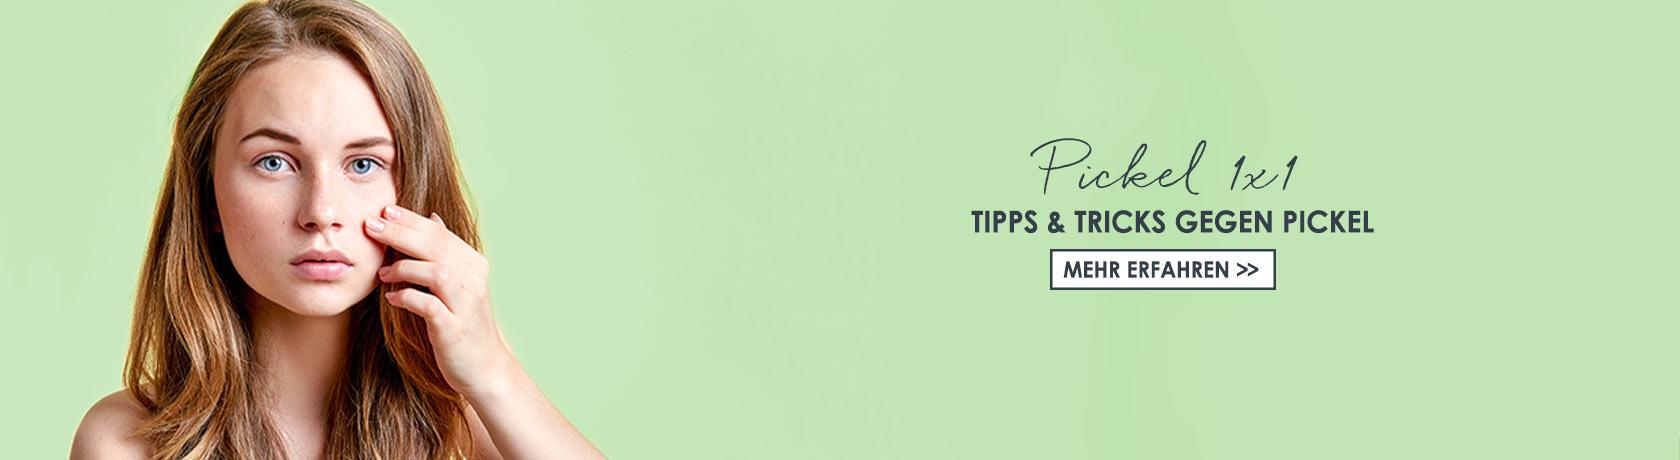 Tipps gegen Pickel